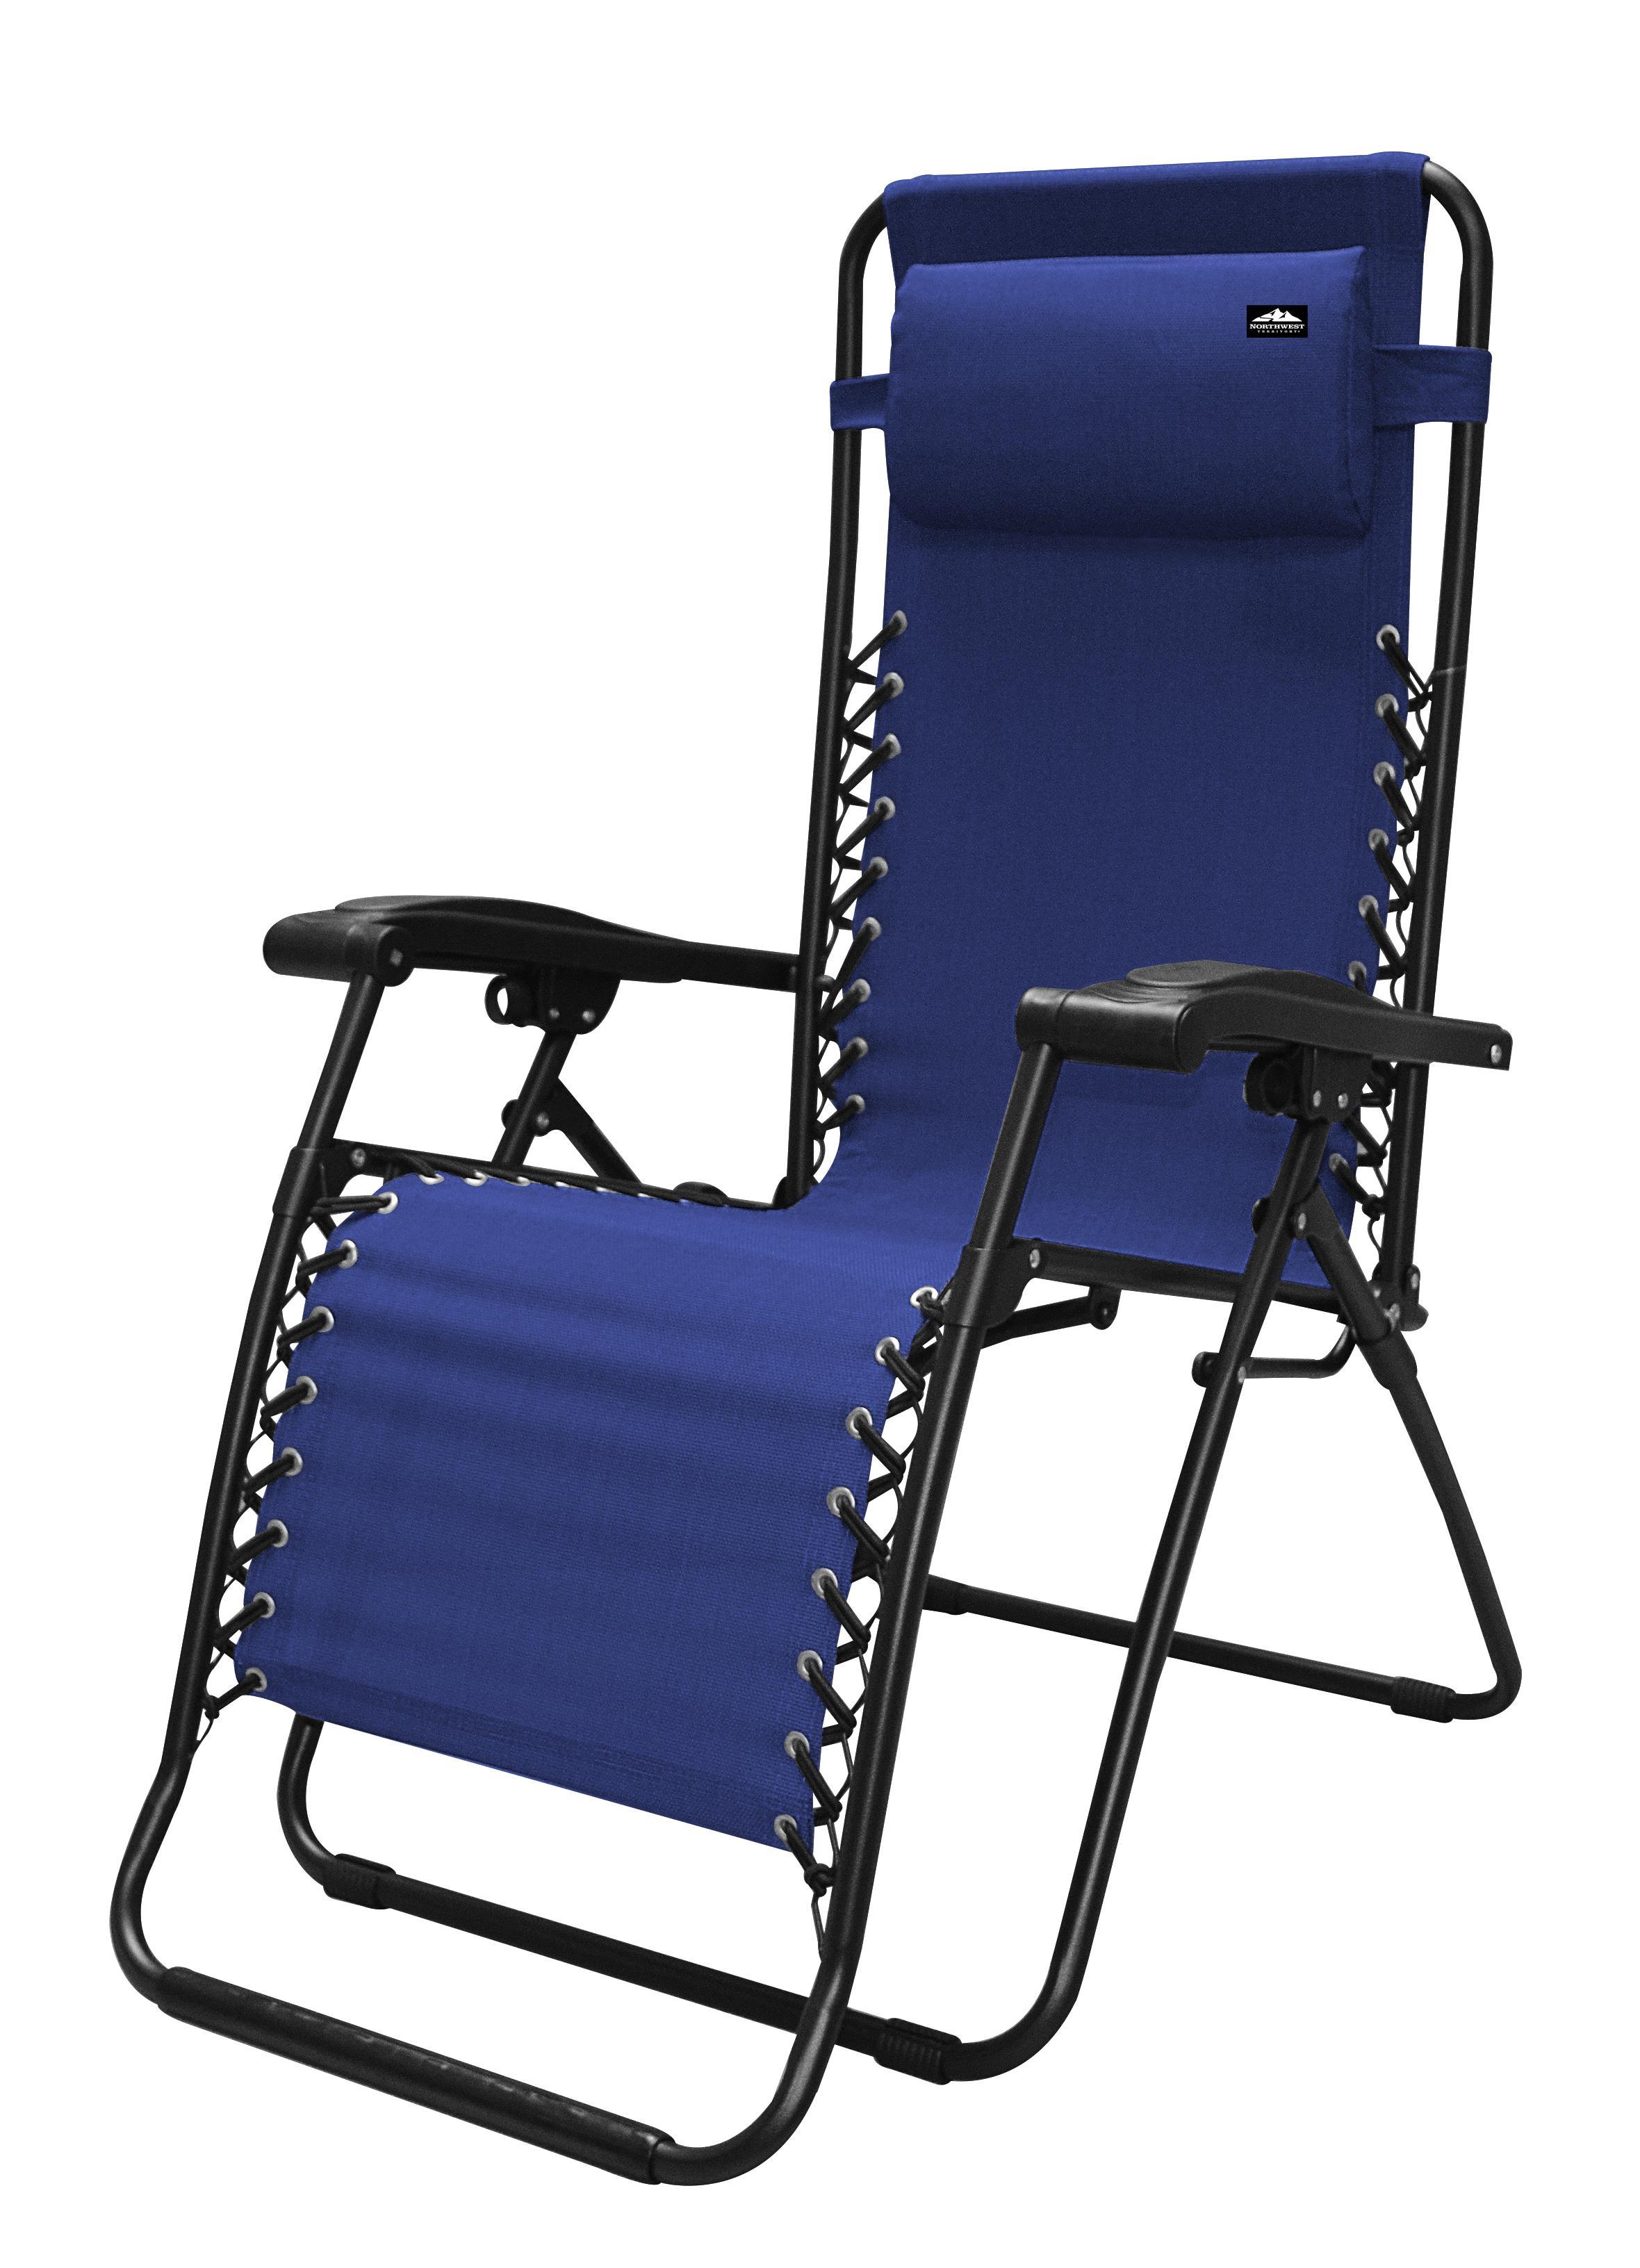 northwest territory chairs ball chair base upc 689215382783 anti gravity